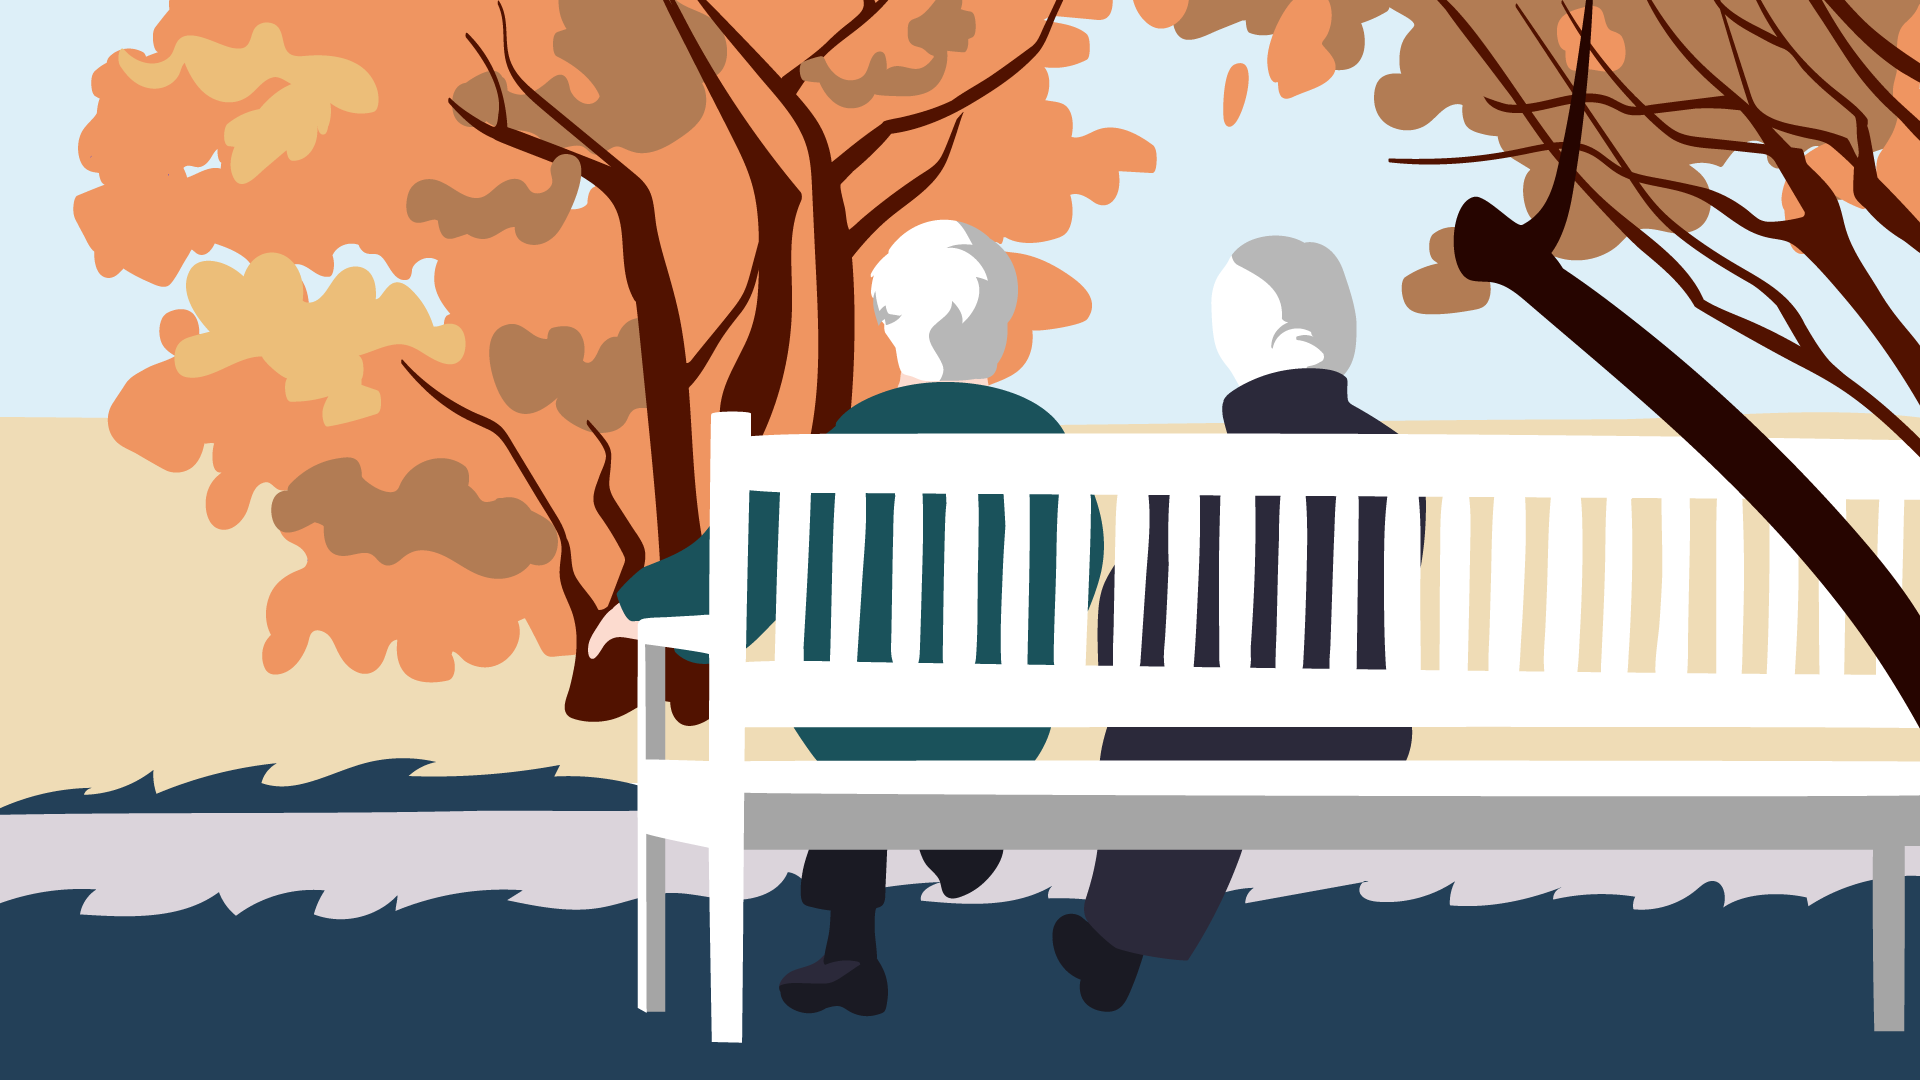 Pärchen auf einer weißen Parkbank sitzend, spricht über die Senkung der gesetzlichen Krankenkassen-Beiträge für Selbständige.